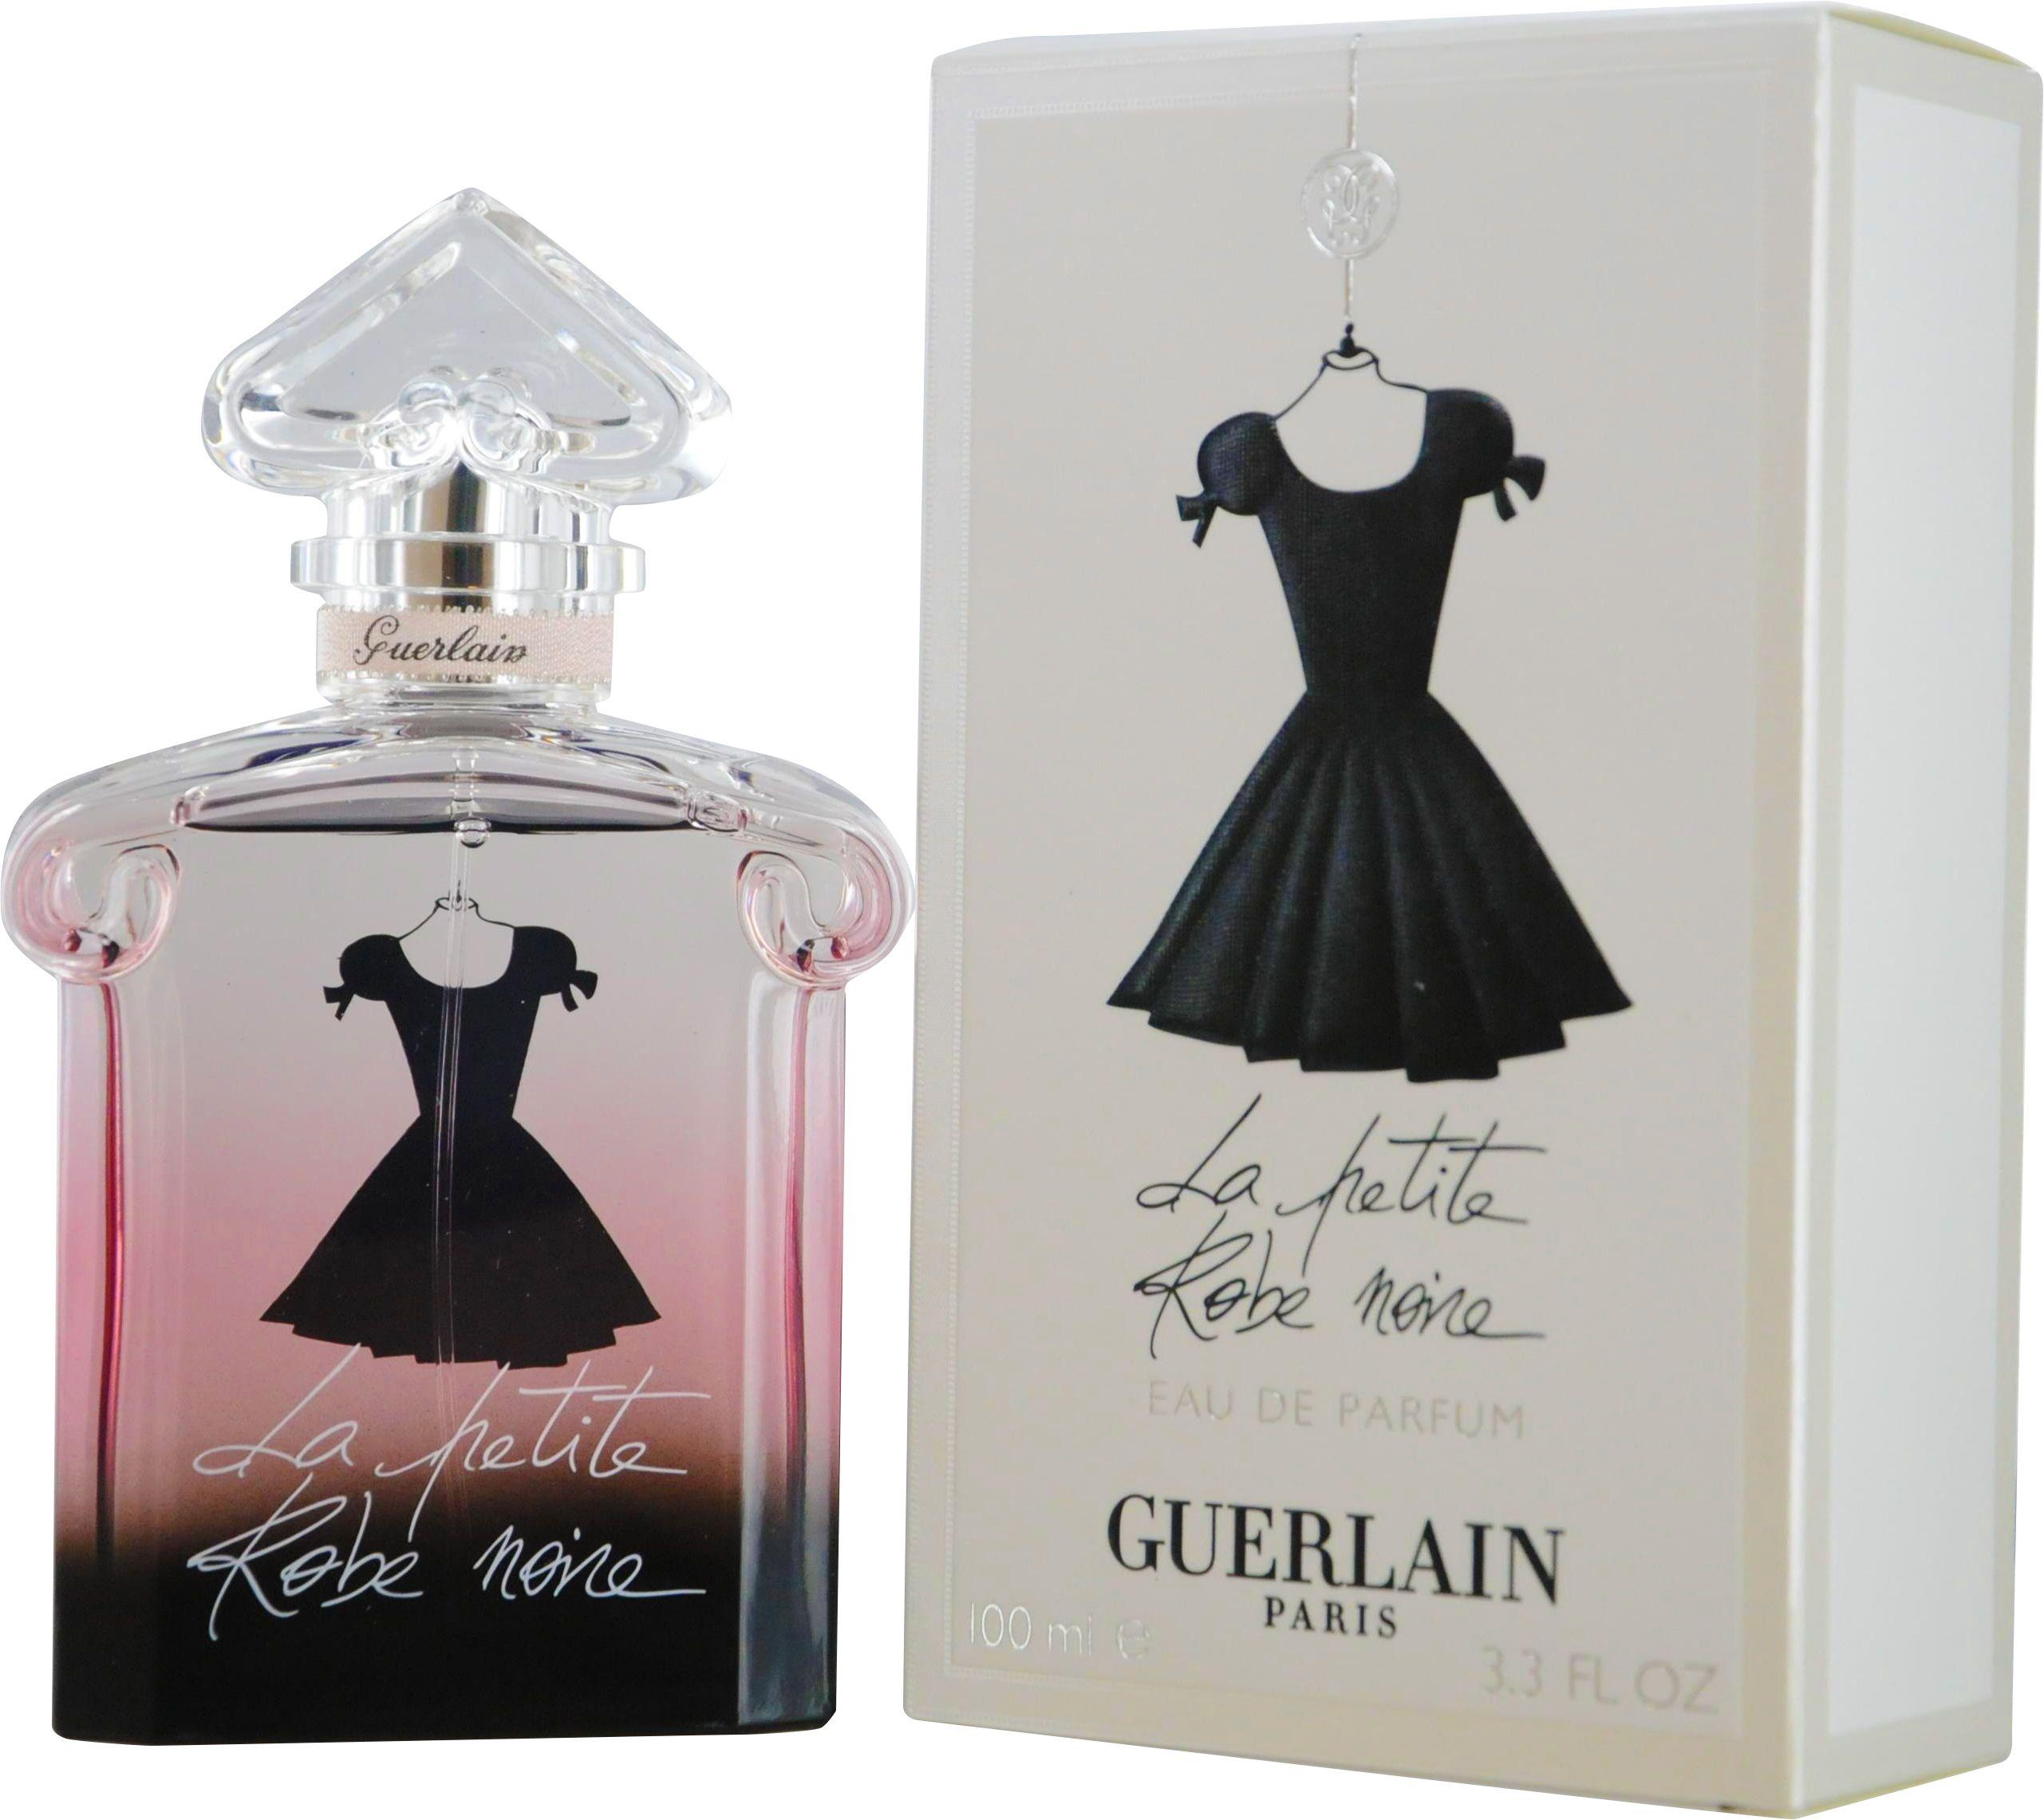 Le petit robe noir edt